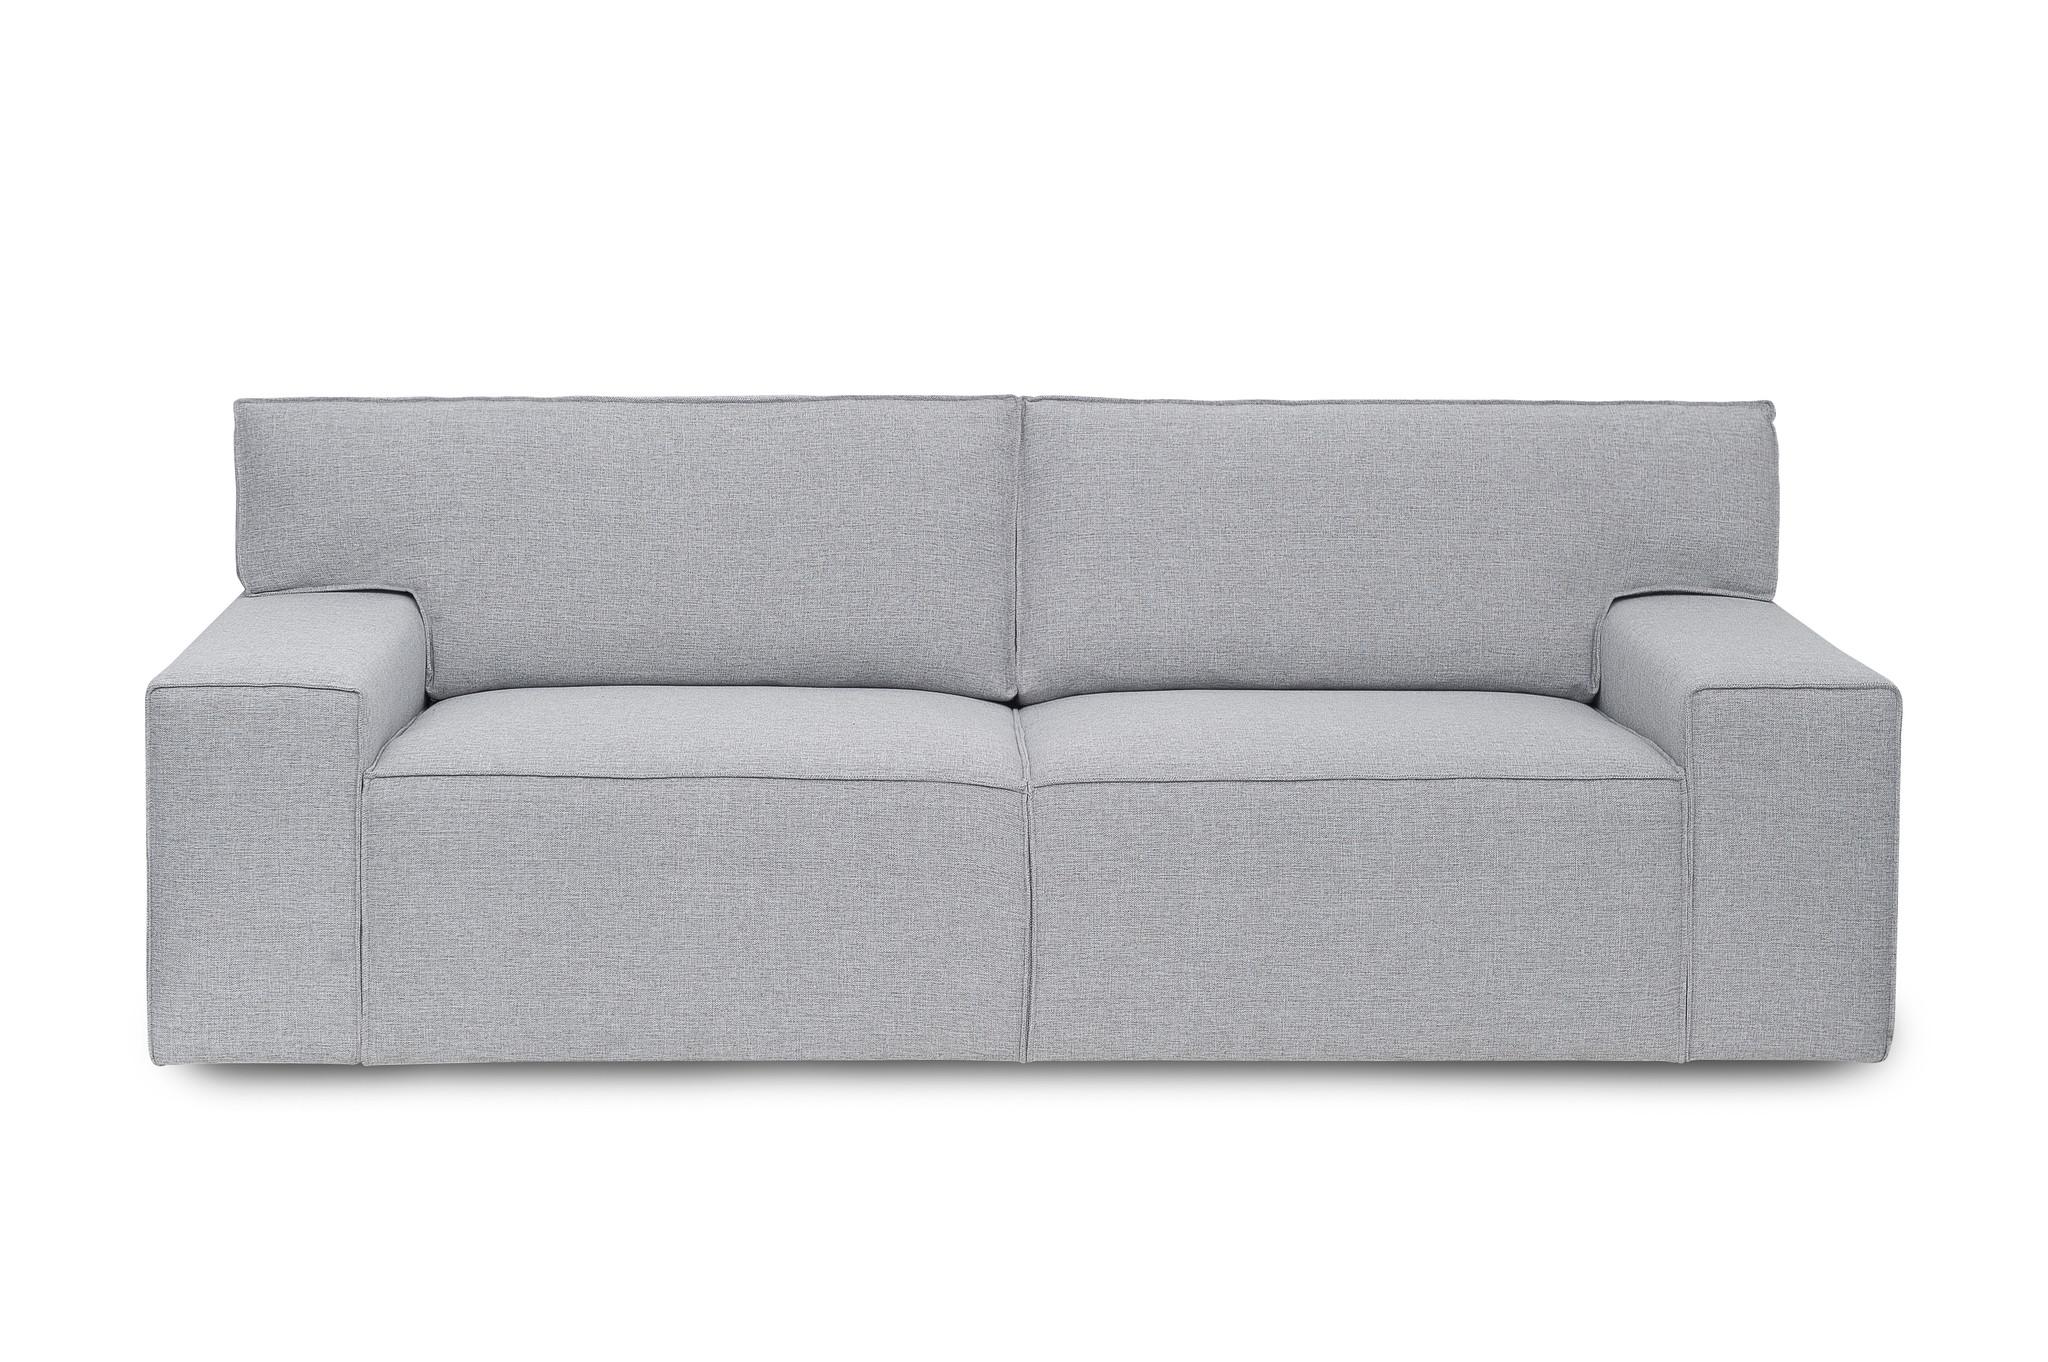 Диван ФлороТрехместные диваны<br>Очень выразительный диван  Флоро излучает тепло и заботу, и непременно притягивает взгляд. При наличии достаточного пространства диван способен дарить комфорт и отдых всей семье.&amp;amp;nbsp;&amp;lt;div&amp;gt;&amp;lt;br&amp;gt;&amp;lt;/div&amp;gt;&amp;lt;div&amp;gt;Не разбирается. Каркас (комбинации дерева, фанеры и ЛДСП).&amp;amp;nbsp;&amp;lt;/div&amp;gt;&amp;lt;div&amp;gt;Для сидячих подушек используют пену различной плотности, а также перо и силиконовое волокно.&amp;amp;nbsp;&amp;lt;/div&amp;gt;&amp;lt;div&amp;gt;Для задних подушек есть пять видов наполнения: пена, измельченая пена, пена высокой эластичности, силиконовые волокно.&amp;amp;nbsp;&amp;lt;/div&amp;gt;&amp;lt;div&amp;gt;Материал обивки: Linda 3/2 dark grey (100% PP полипропиленовое волокно).&amp;amp;nbsp;&amp;lt;/div&amp;gt;<br><br>Material: Текстиль<br>Width см: 221<br>Depth см: 97<br>Height см: 90